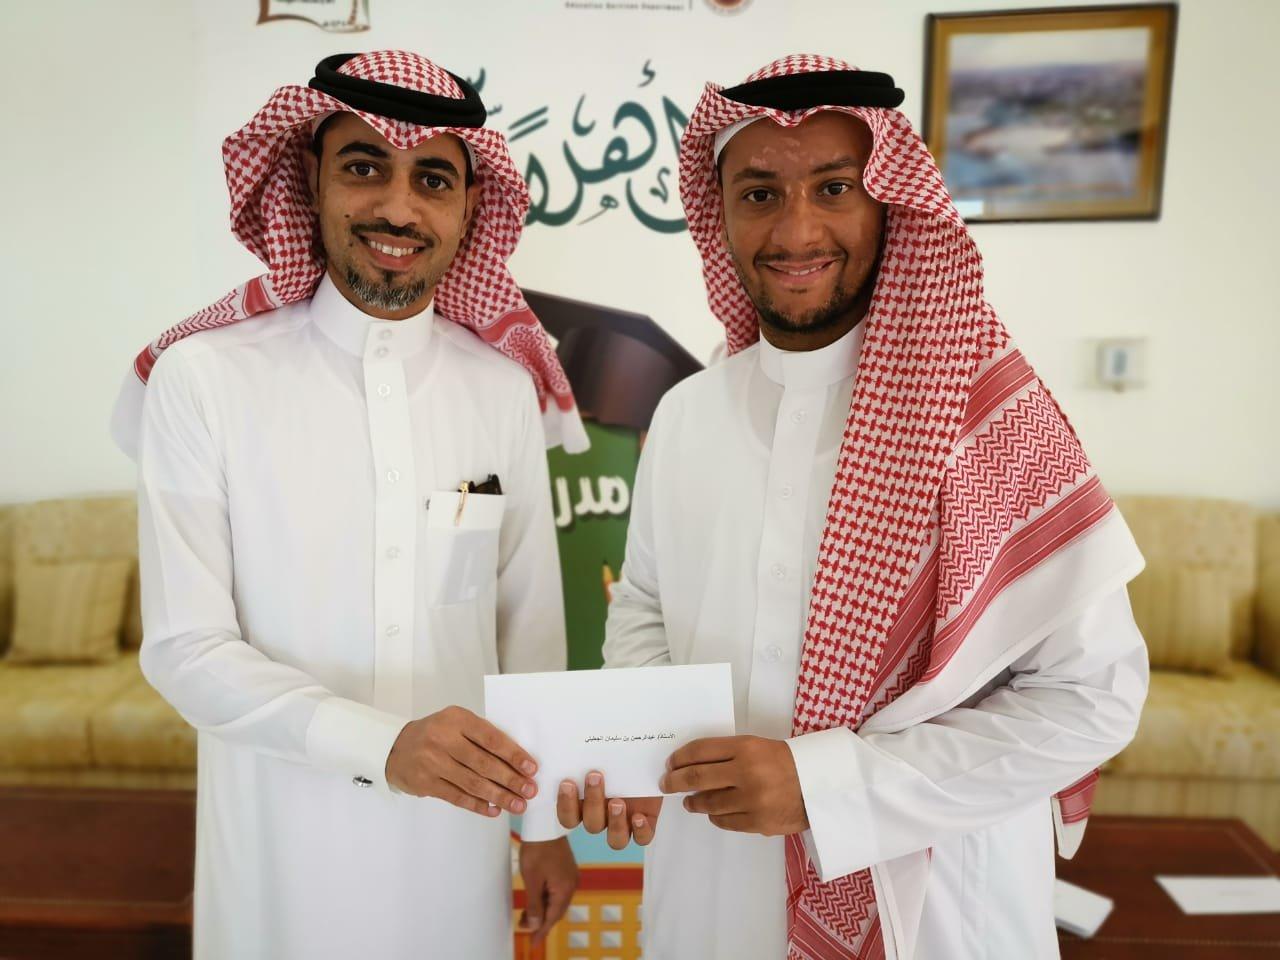 مميزات عضوية الهيئة السعودية للمهندسين